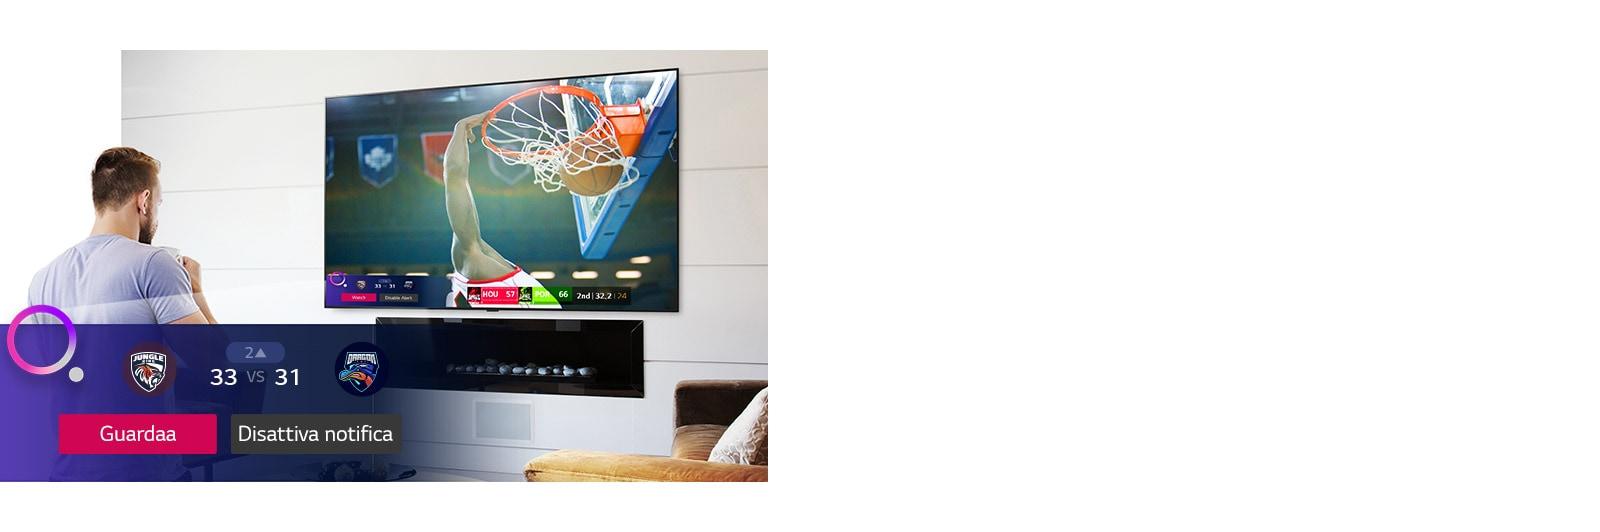 TV che mostra una scena di una partita di basket con Notifica di eventi sportivi